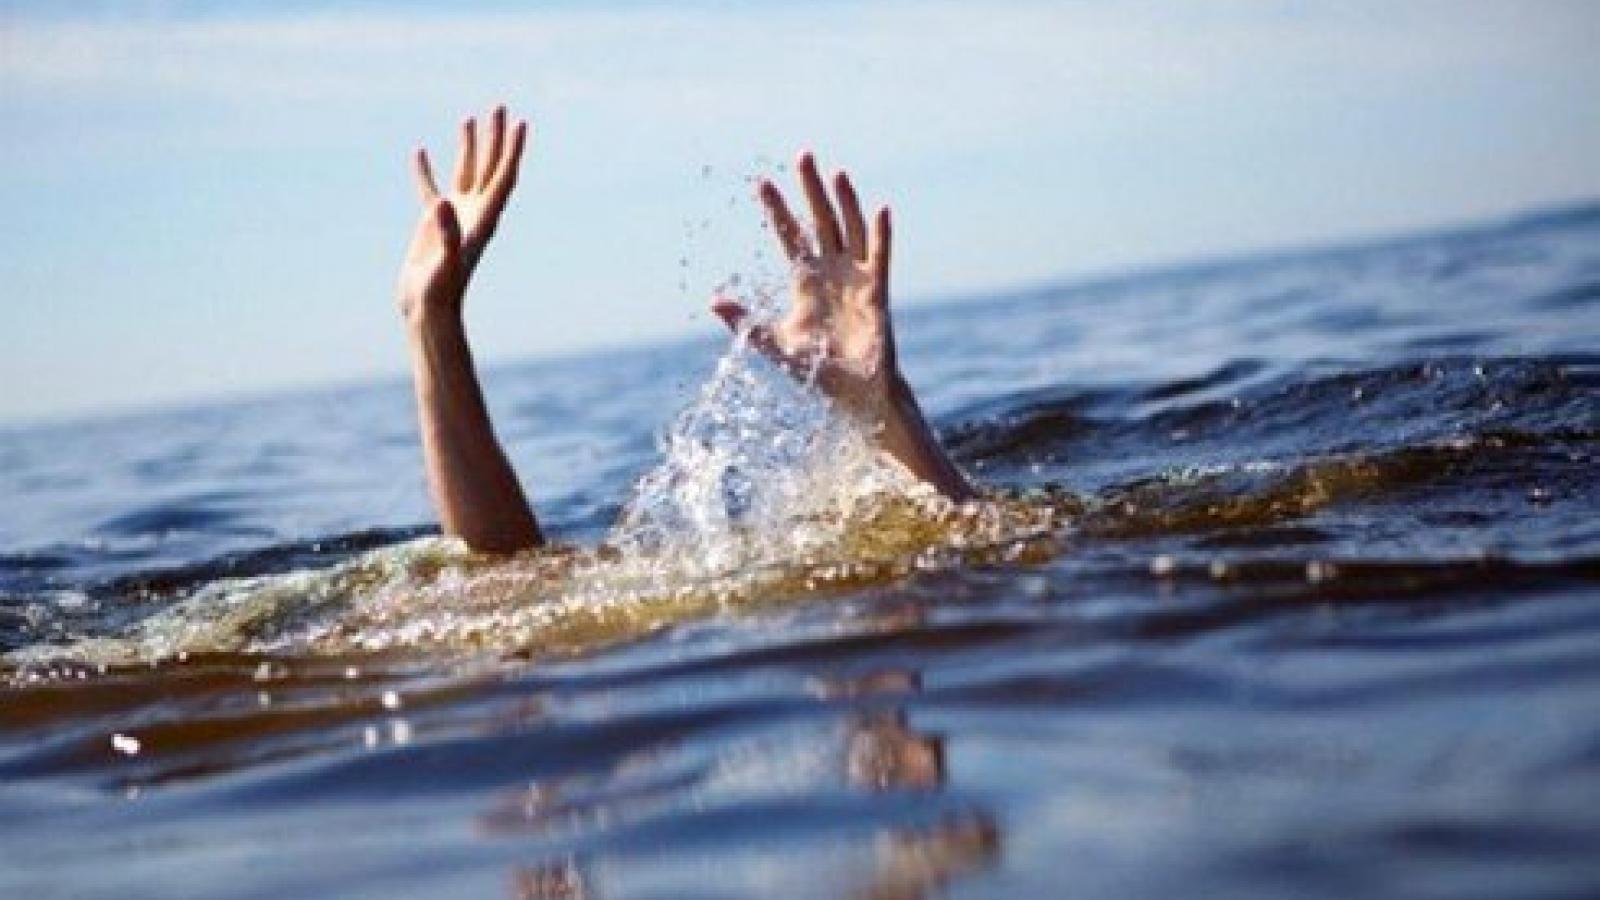 Cùng mẹ và bà đi gặt lúa, hai cháu nhỏ ngã xuống ao đuối nước